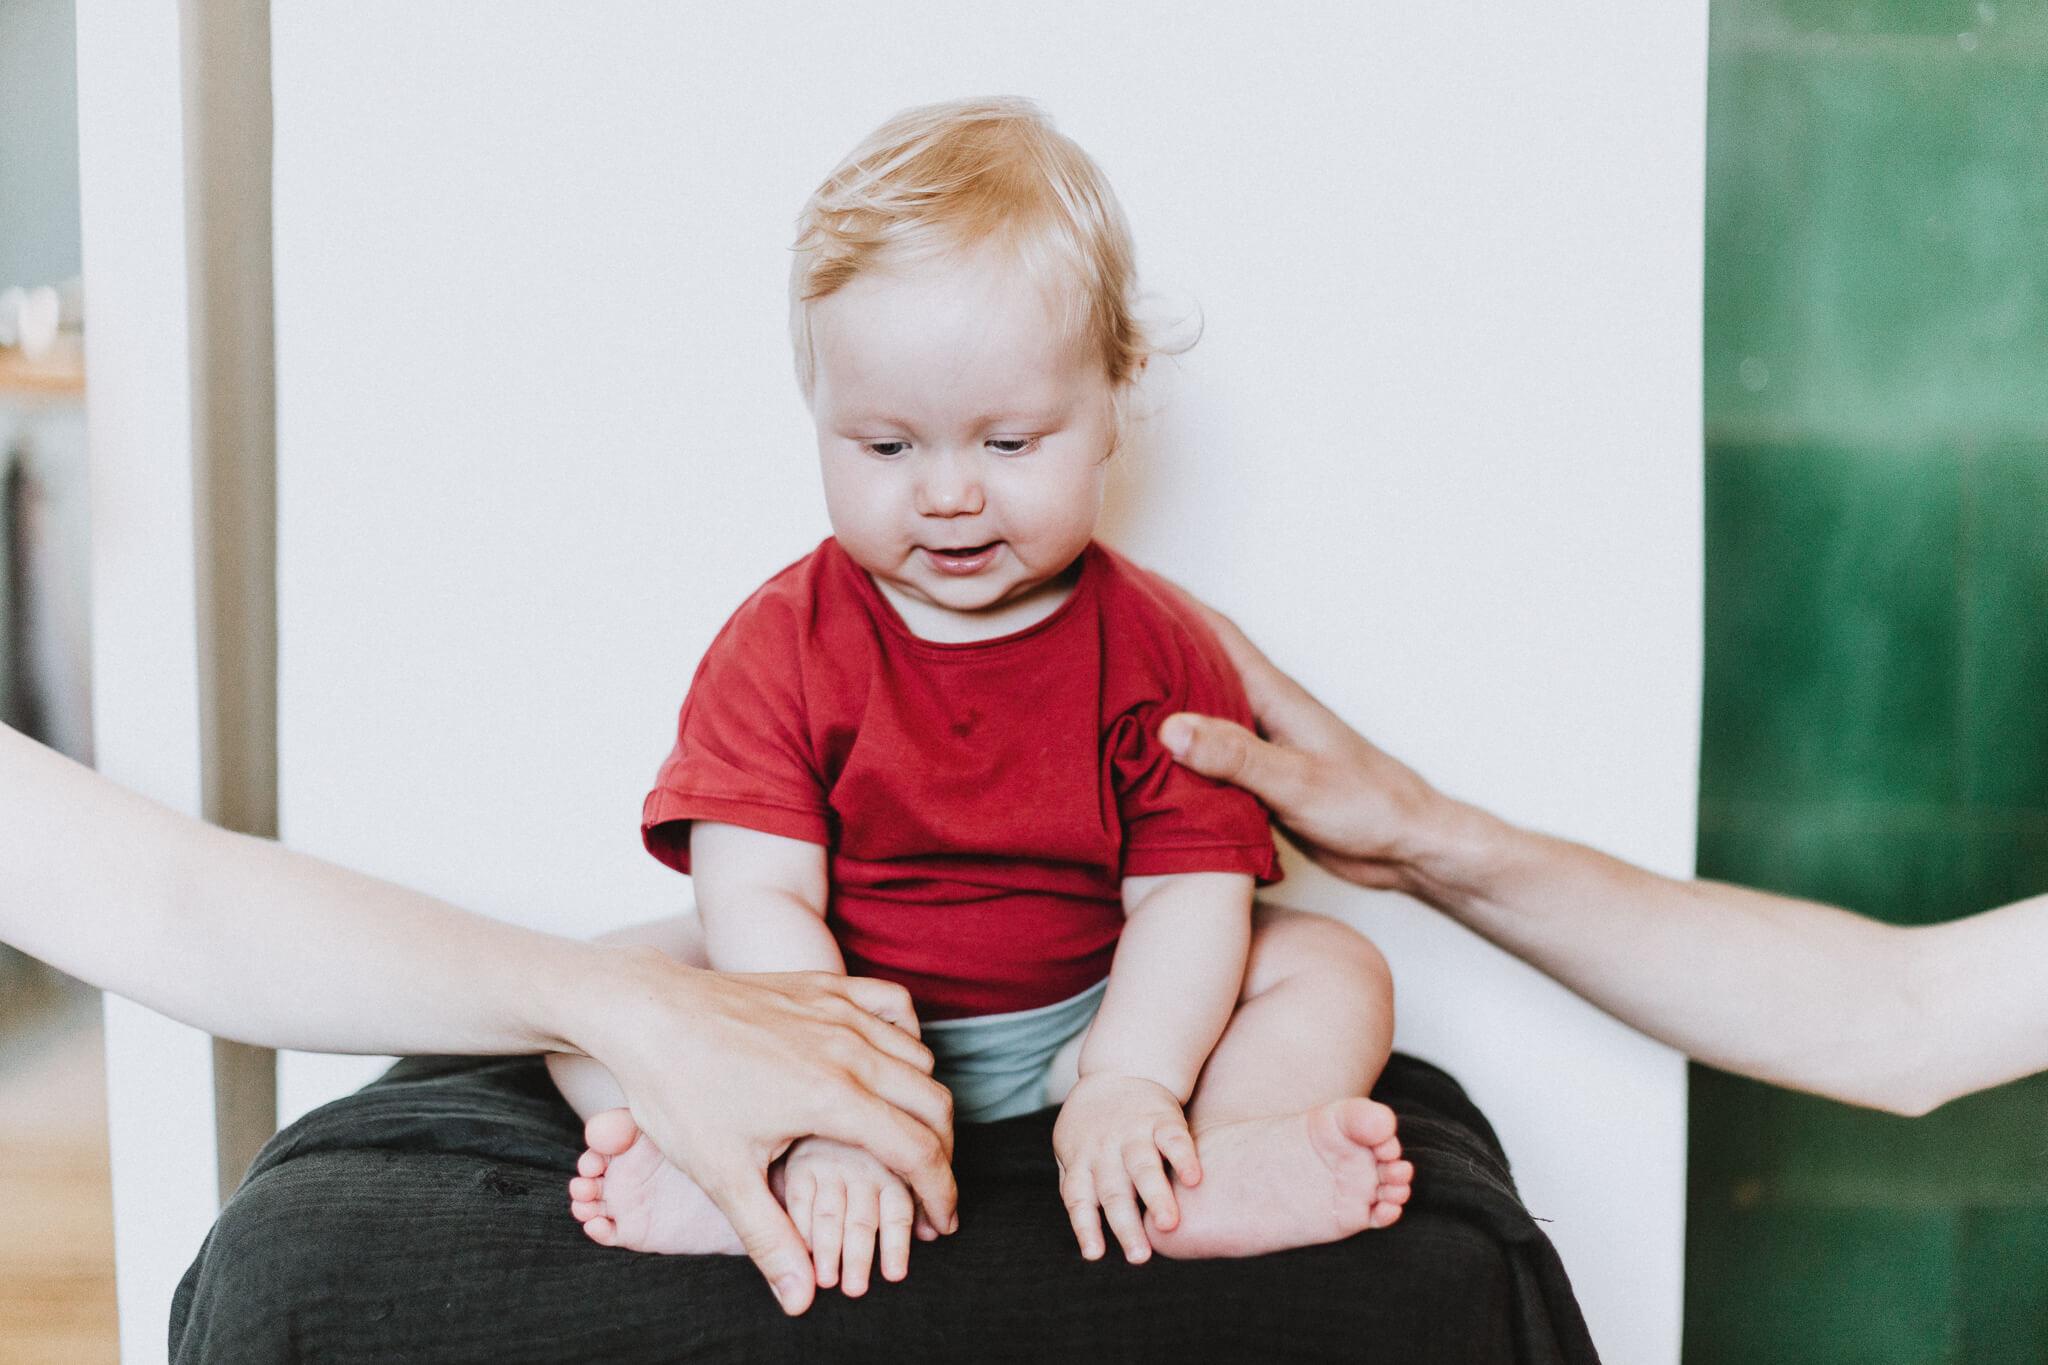 Portreefoto aastasest lapsest, kes istub taburetil ja keda ema ja isa toetavad kõrvalt.